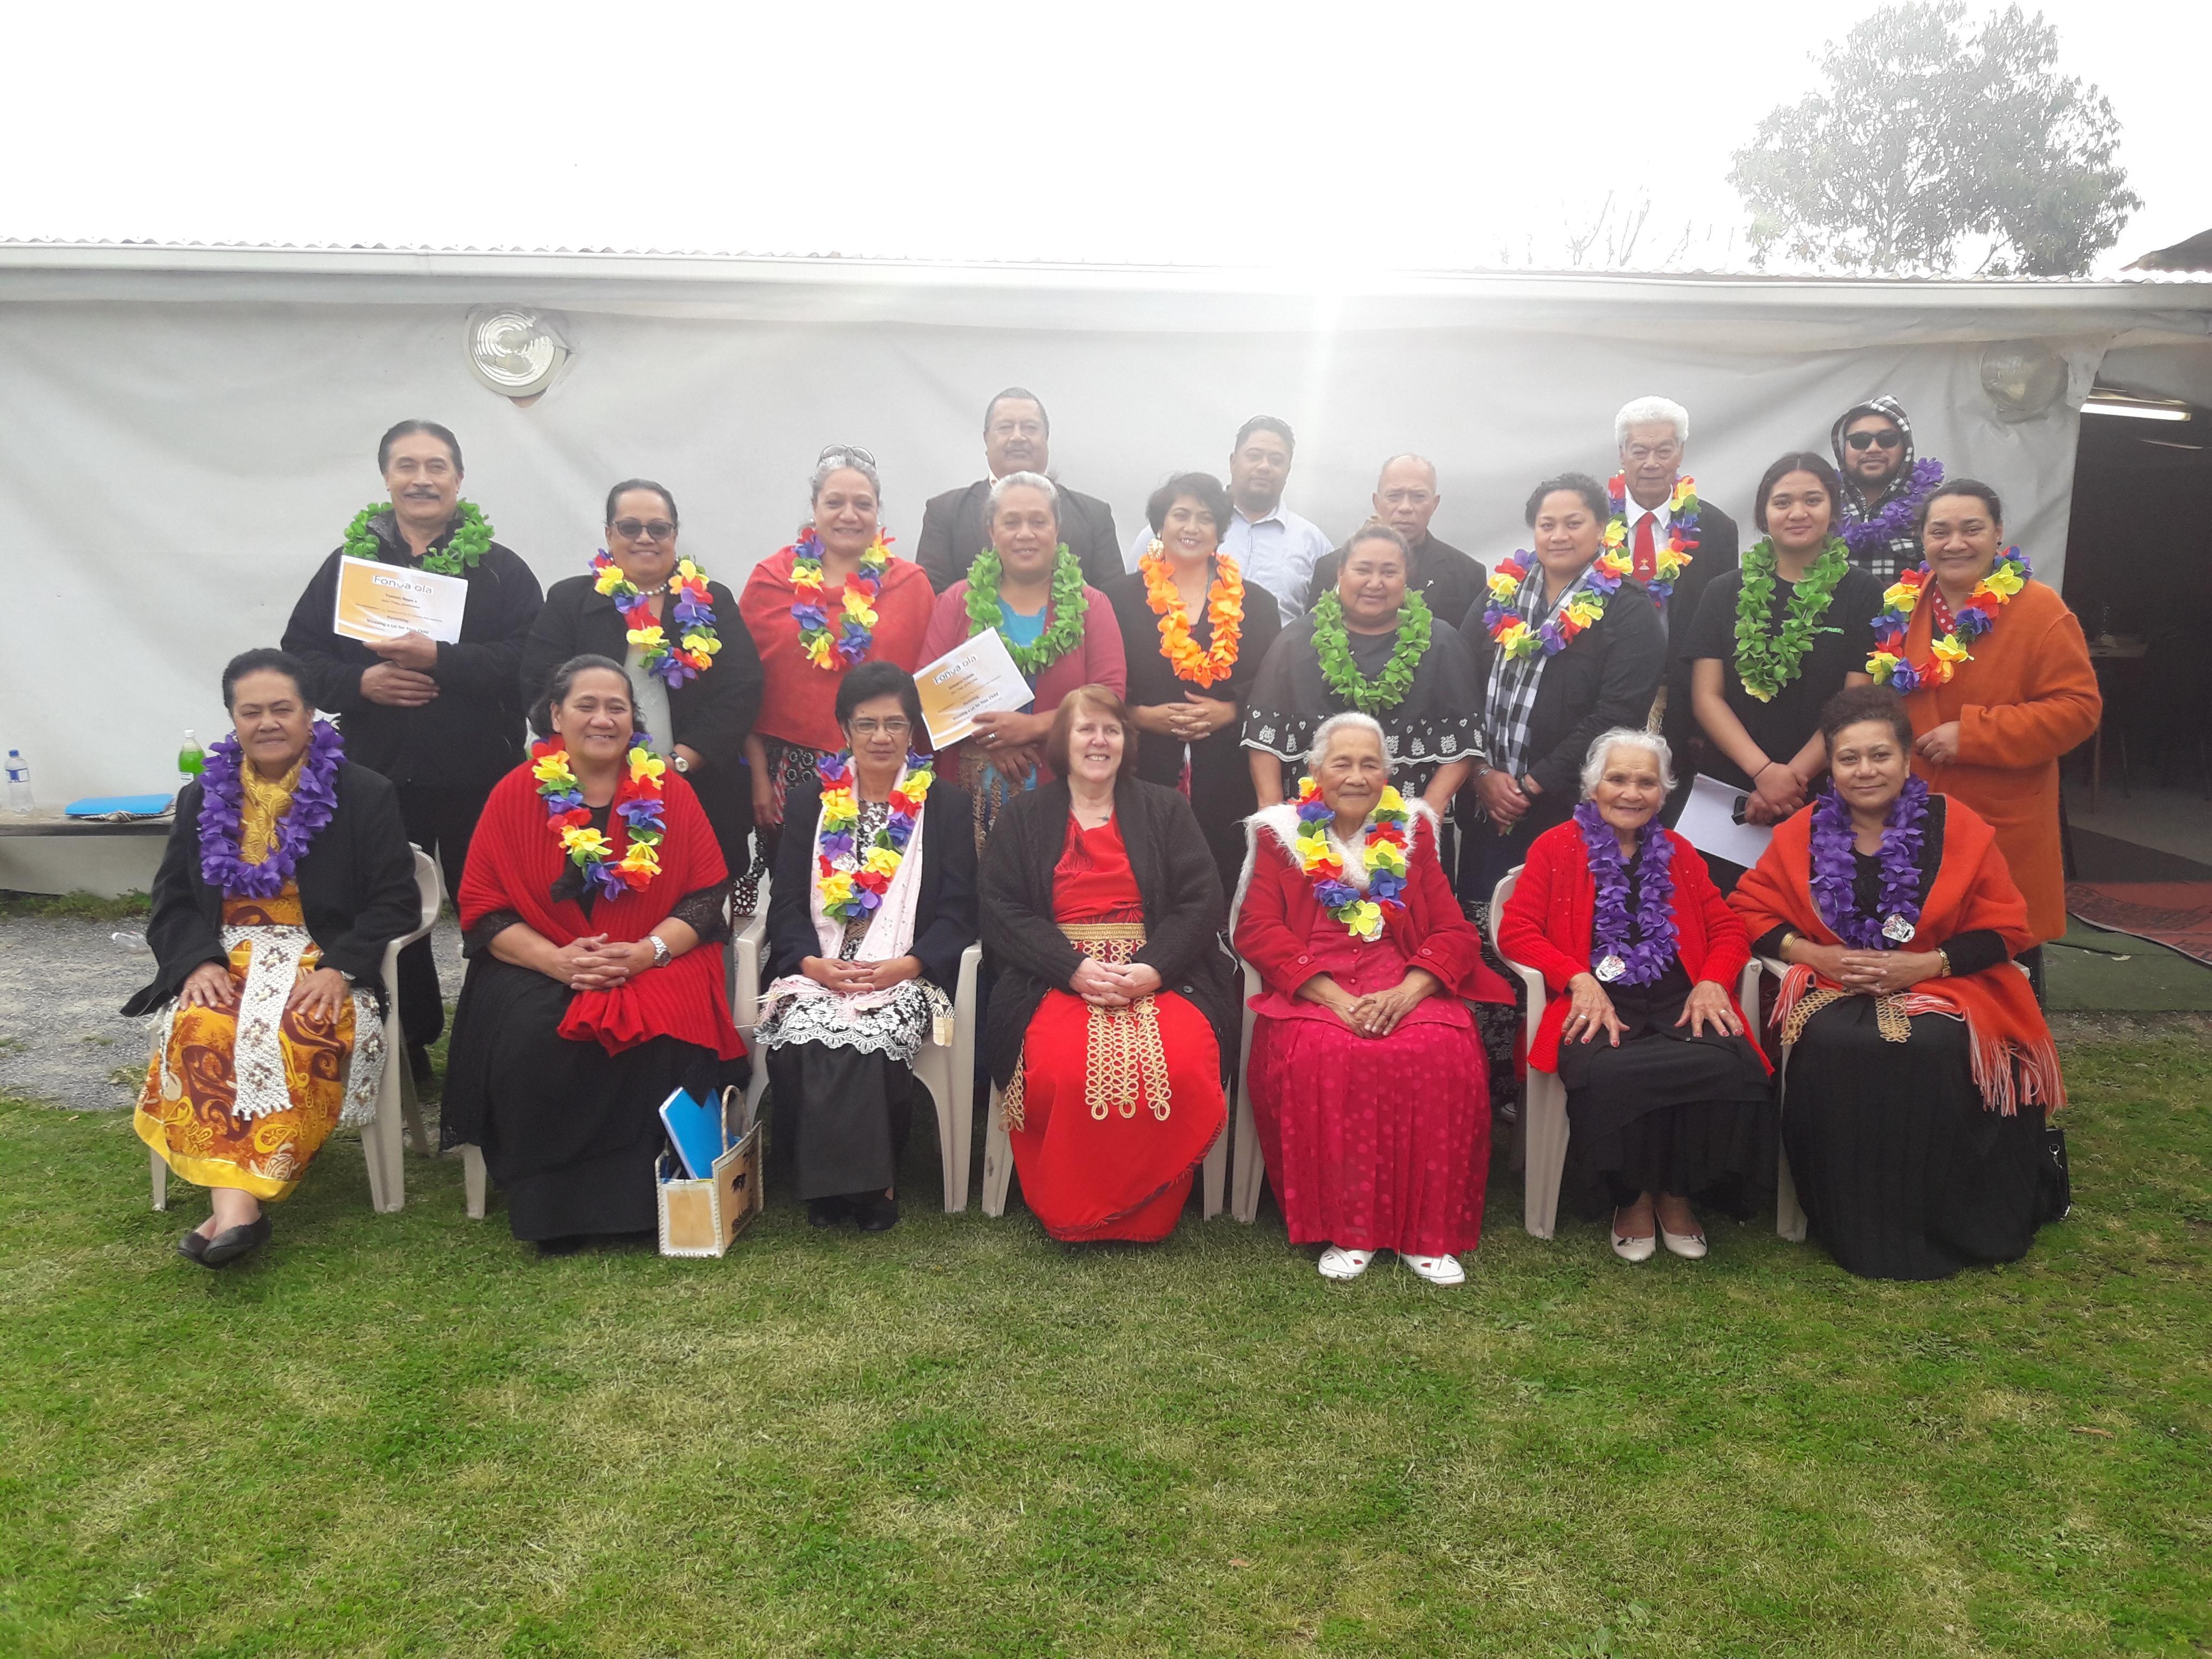 Tonga Konsisitutone Church